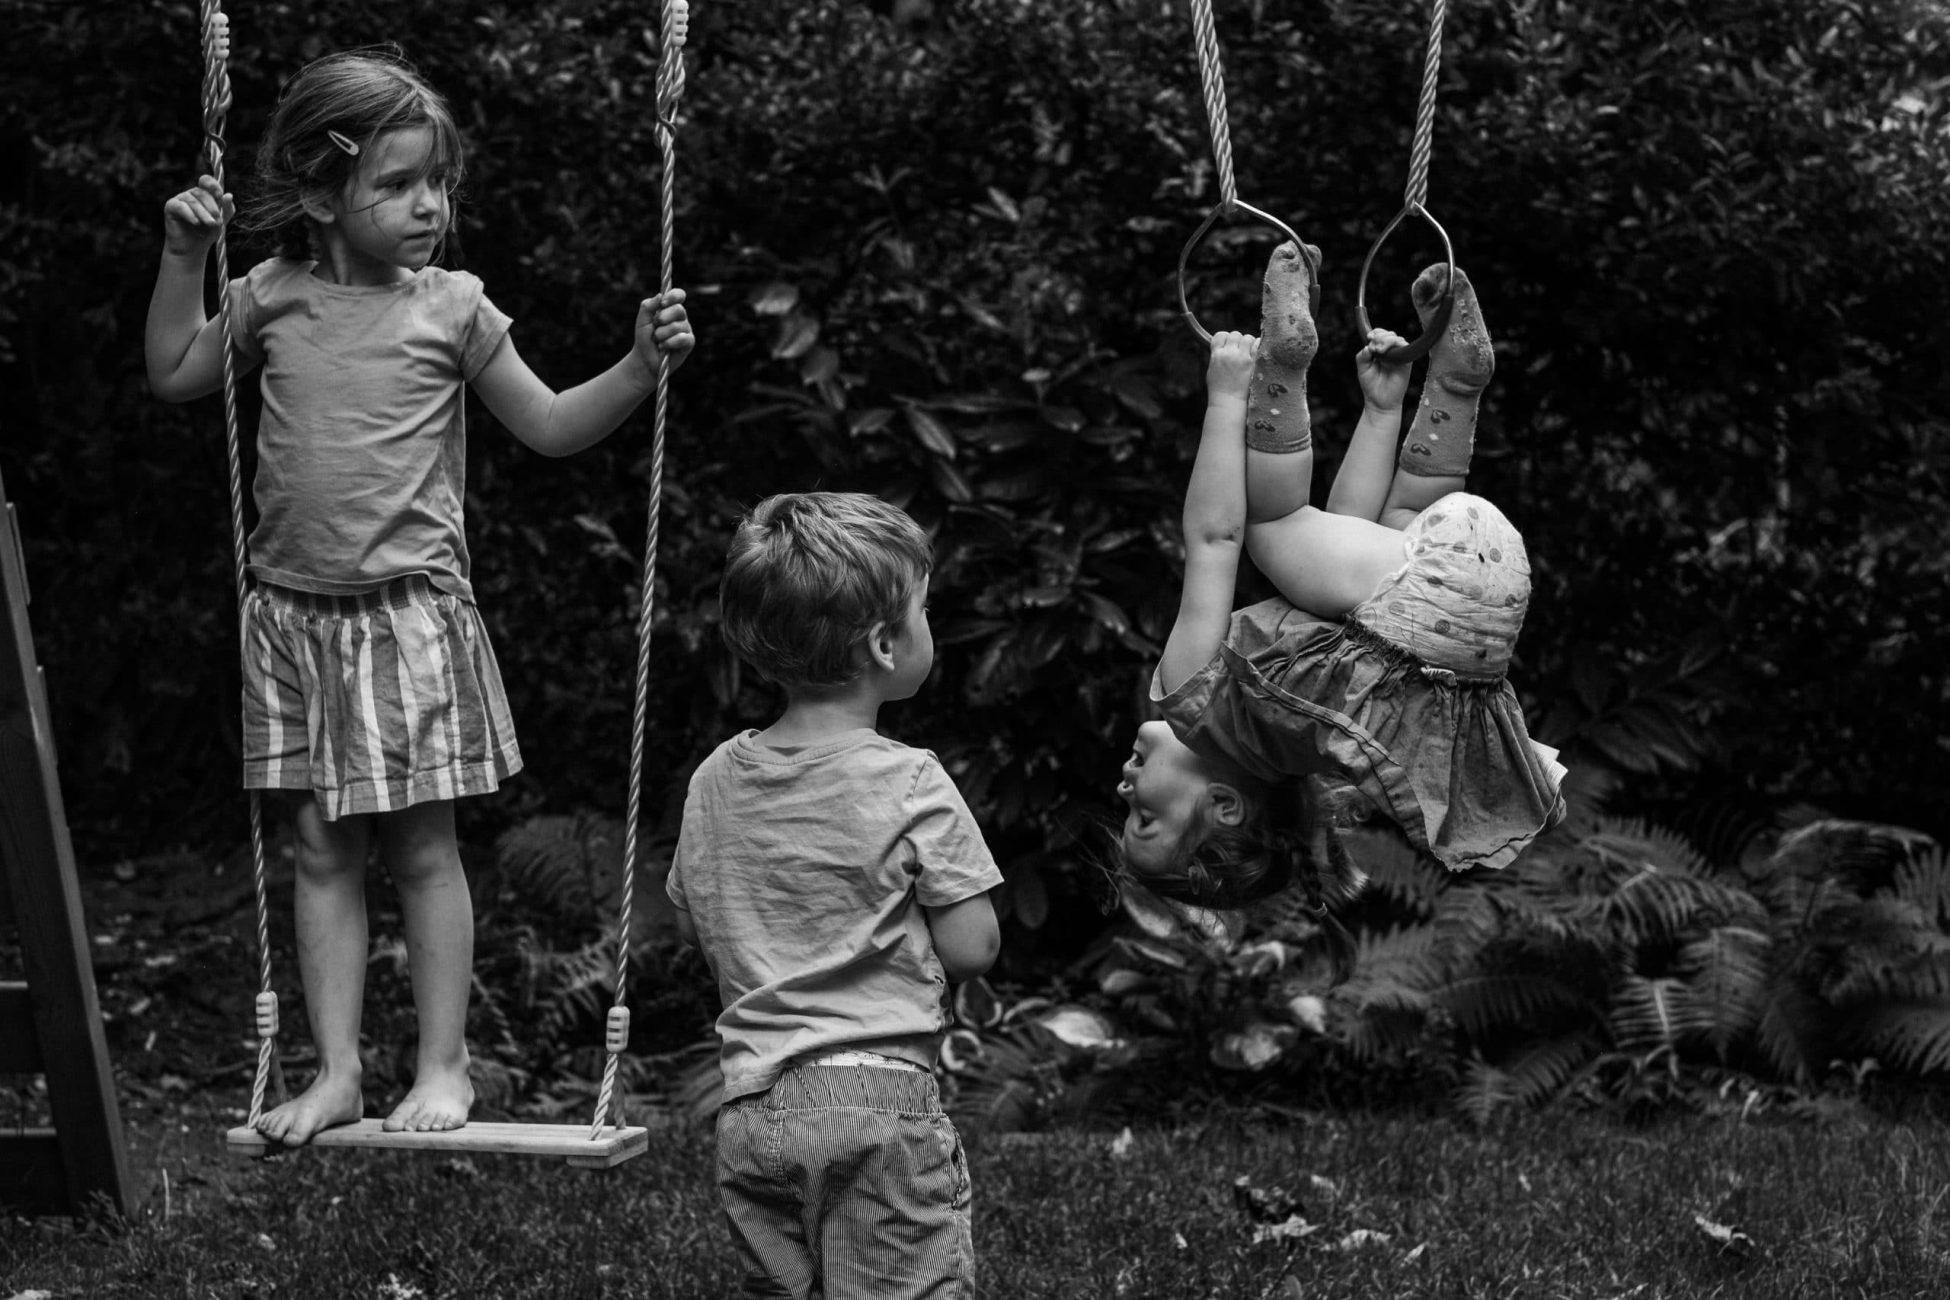 Drei Kinder klettern auf einem Schaukelgerüst